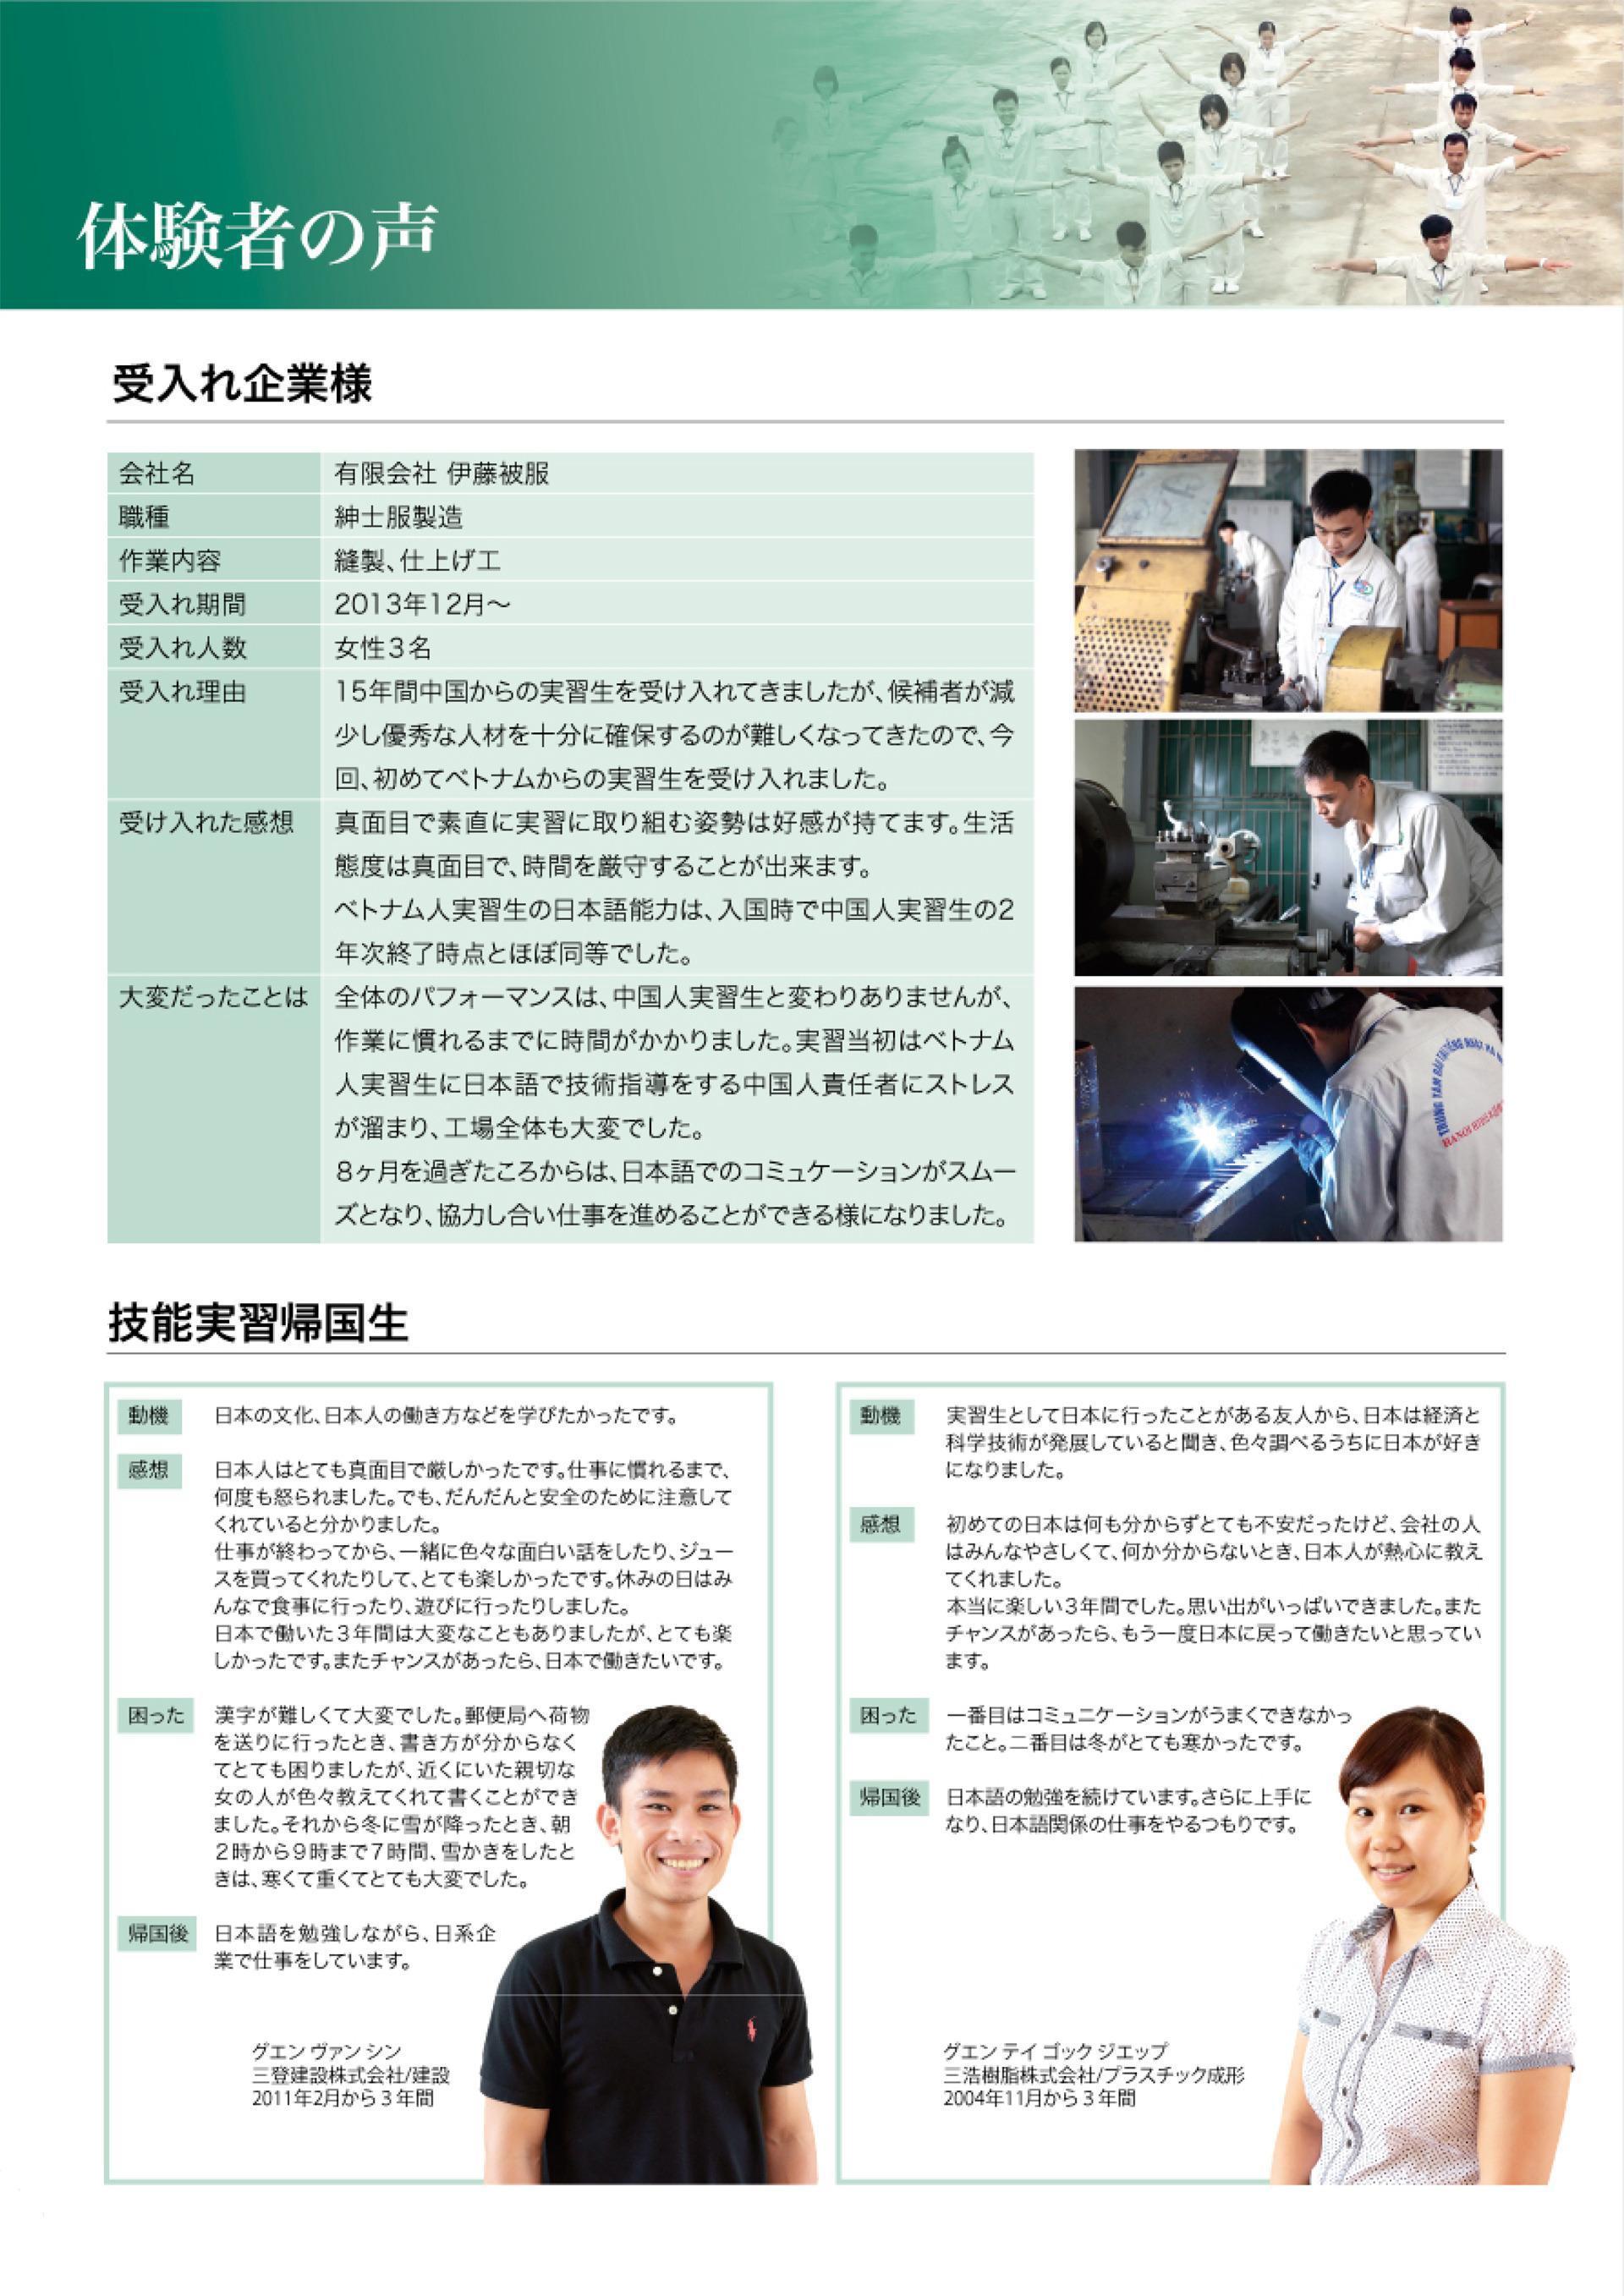 外国人技能実習生と受入れ先企業の声